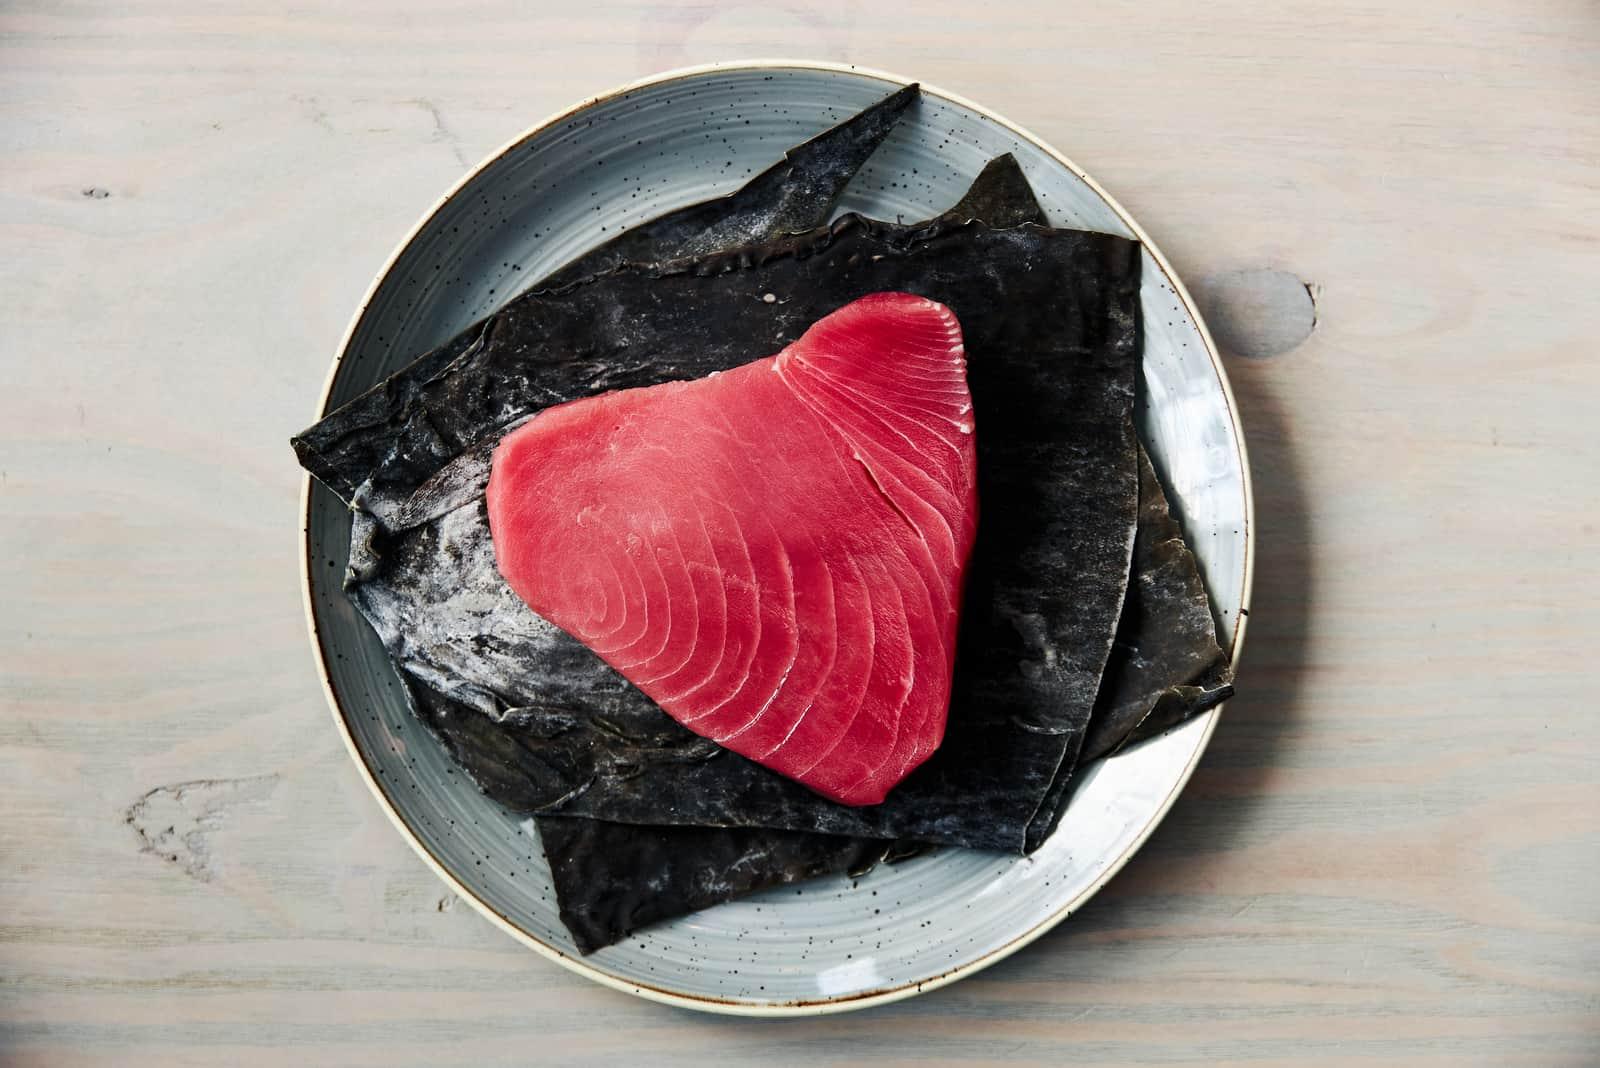 Thunfischfilet auf einem Teller